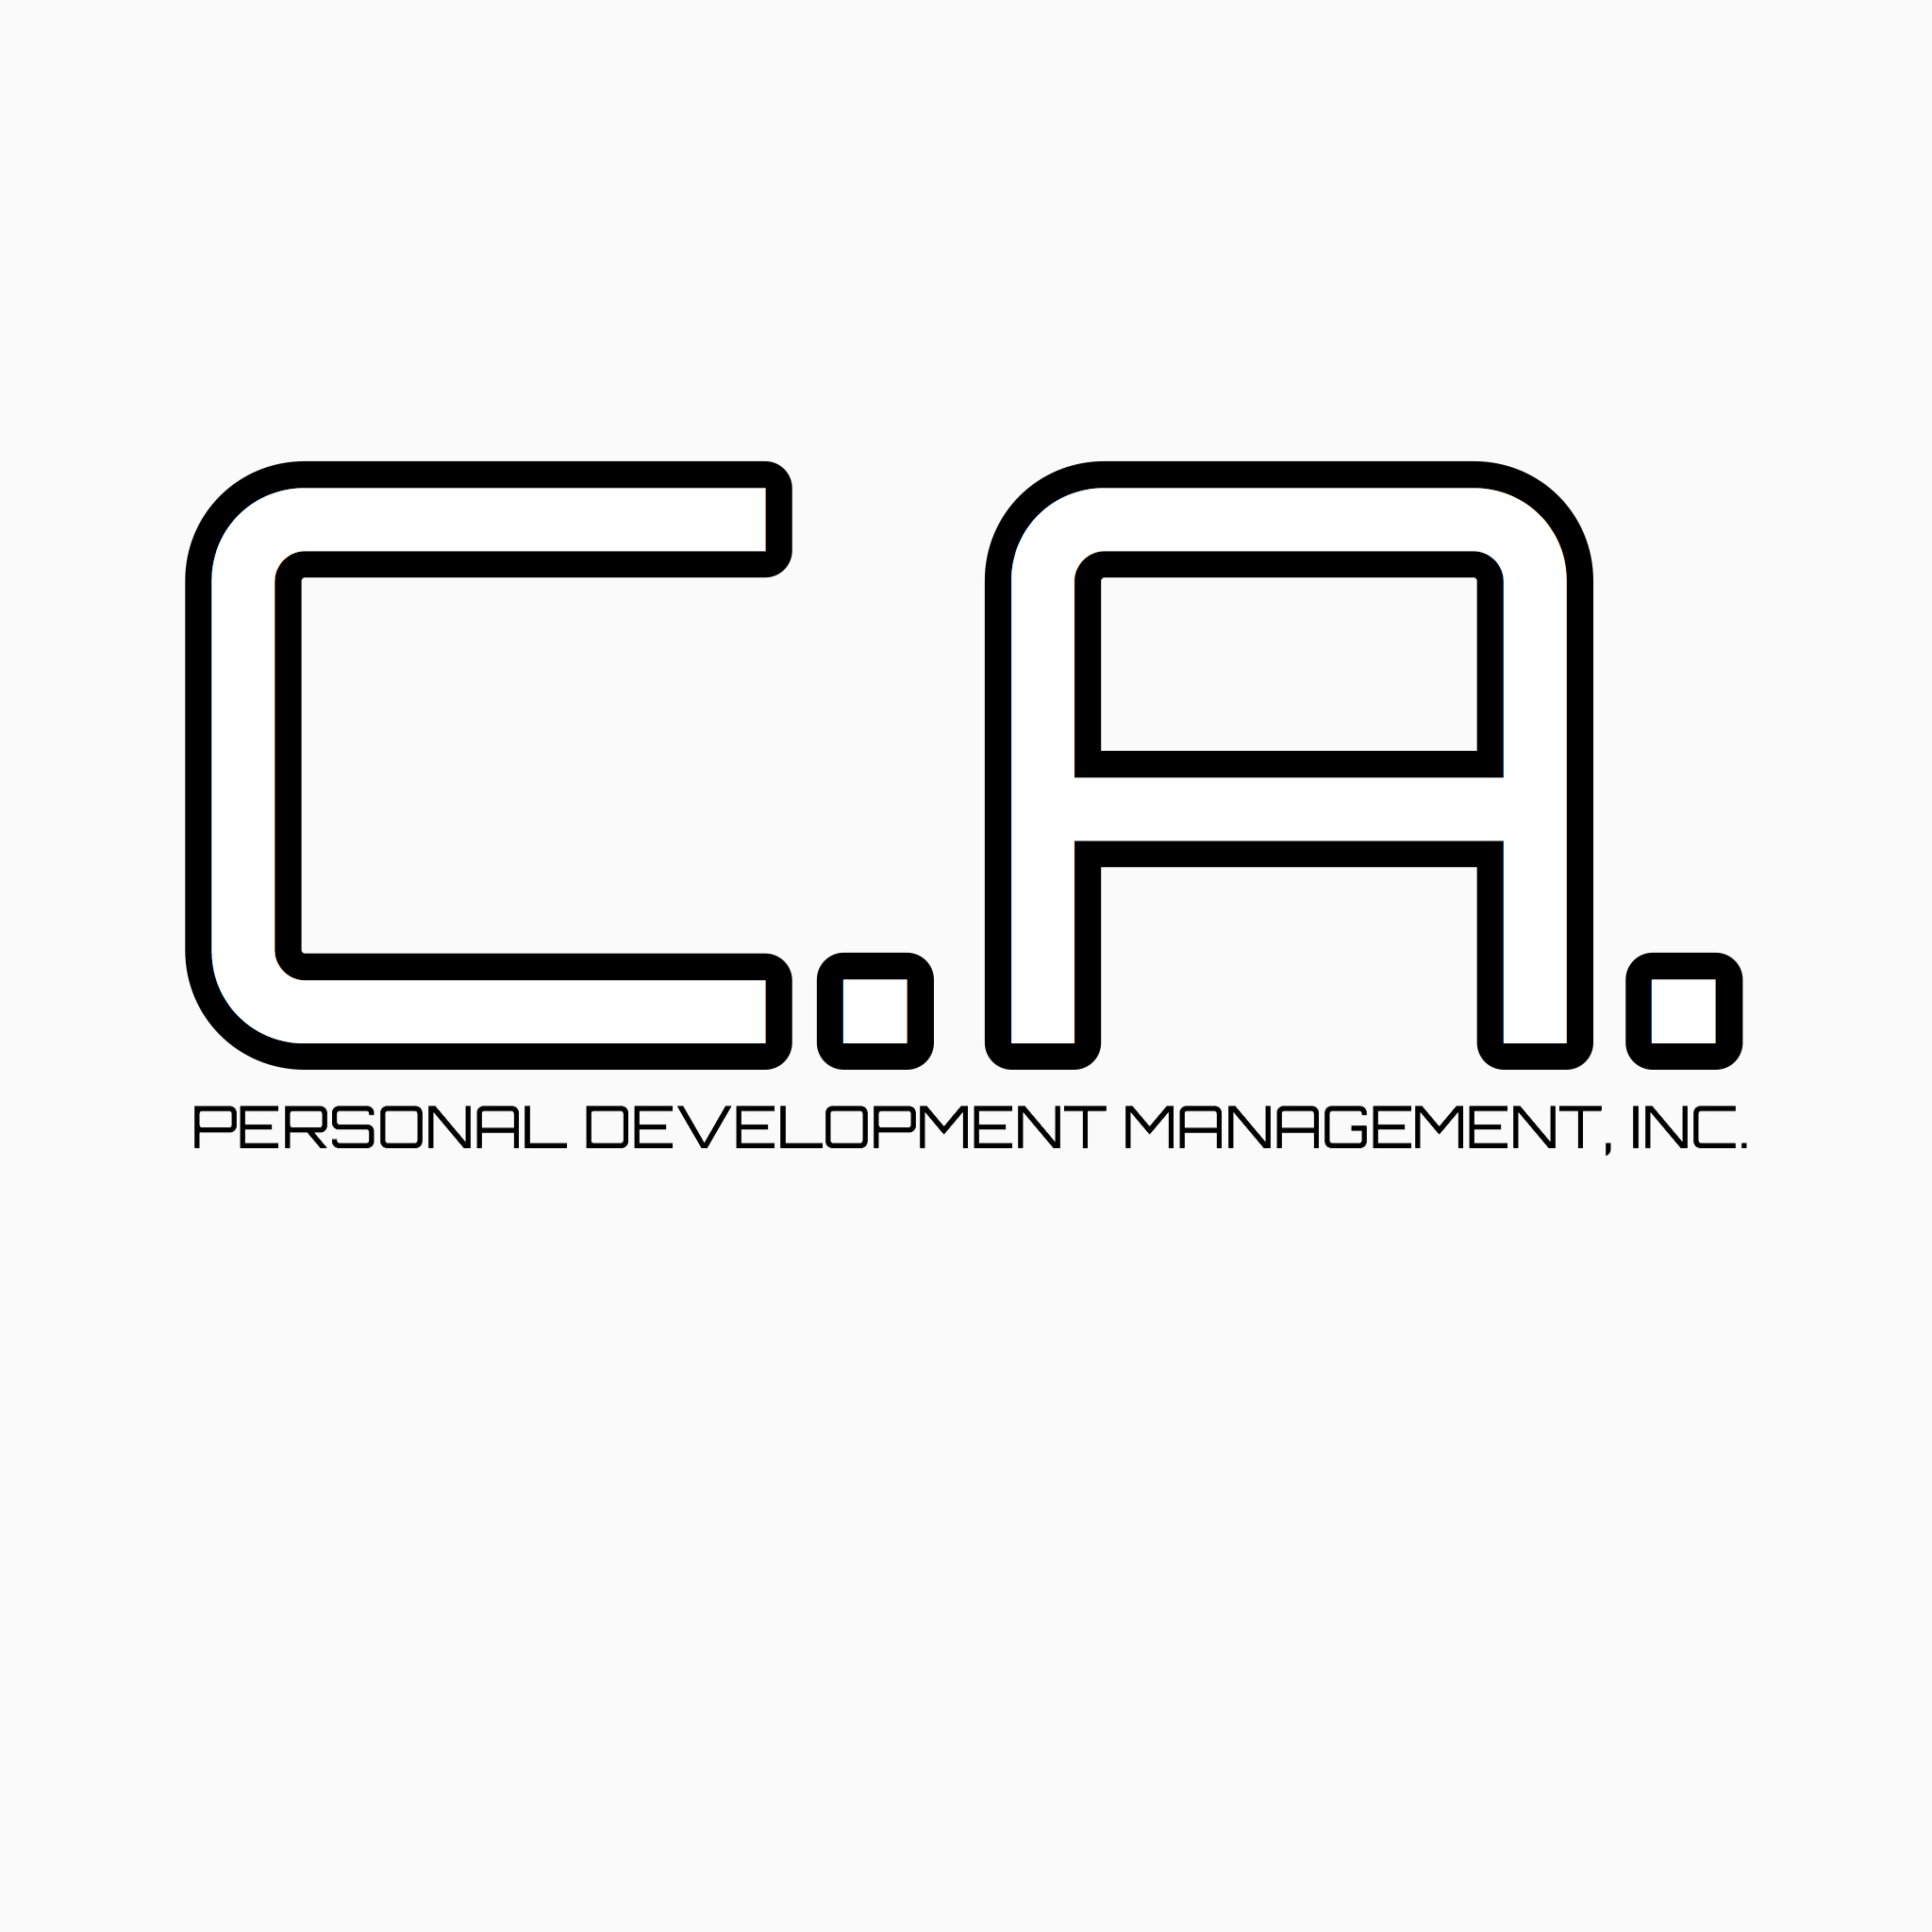 C.A. Personal Development Management, Inc.